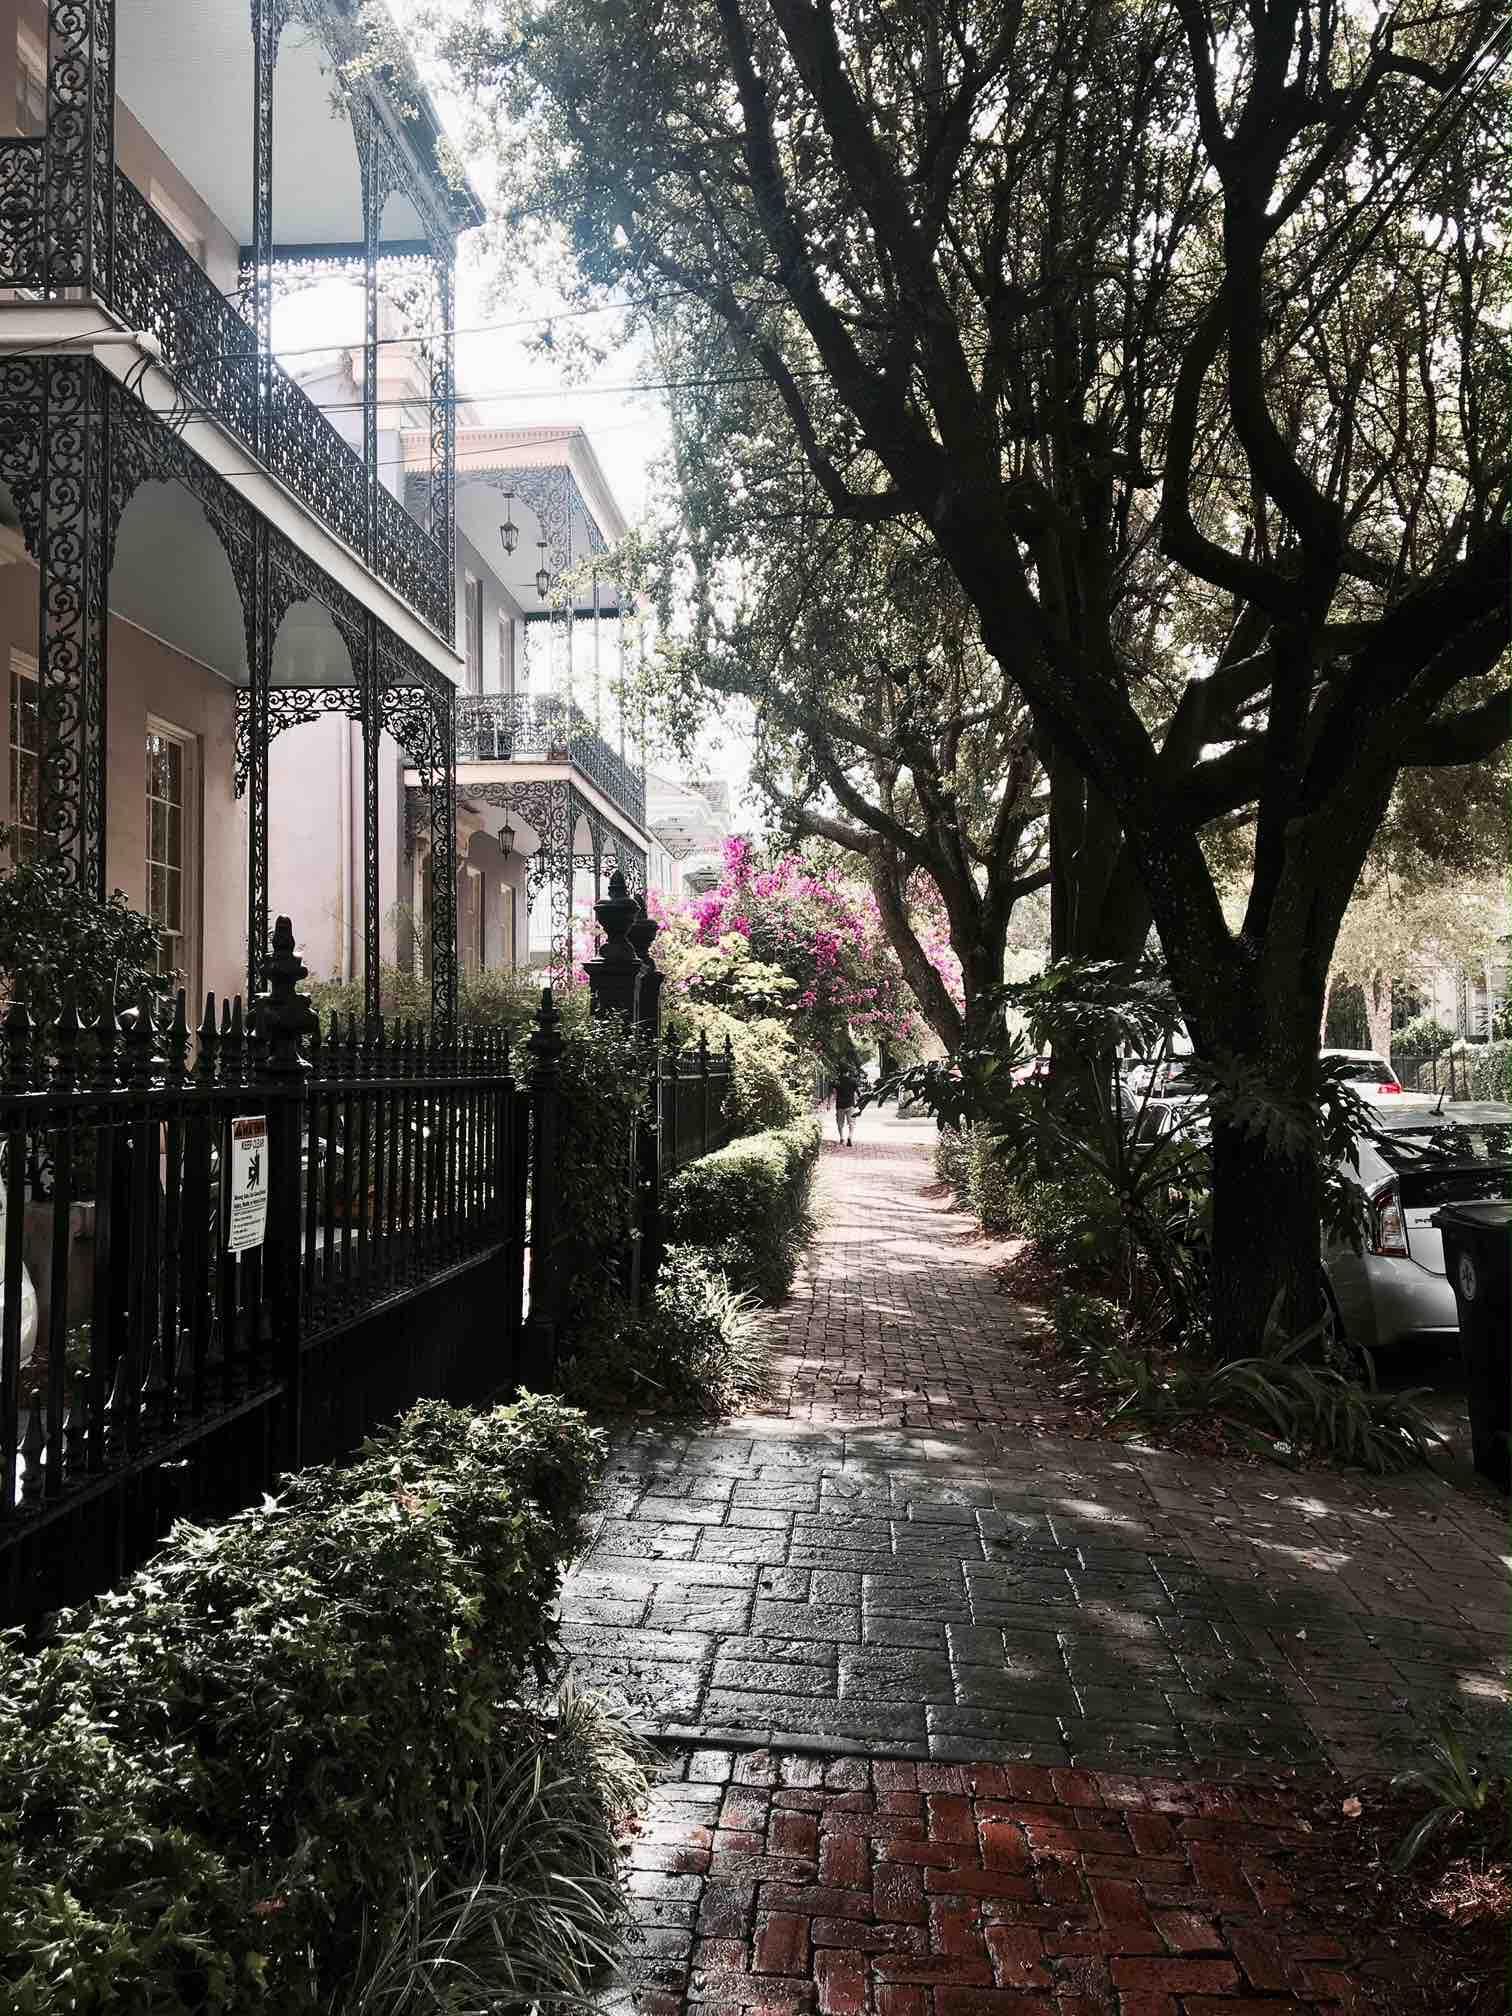 Garden Distric New Orleans.jpg